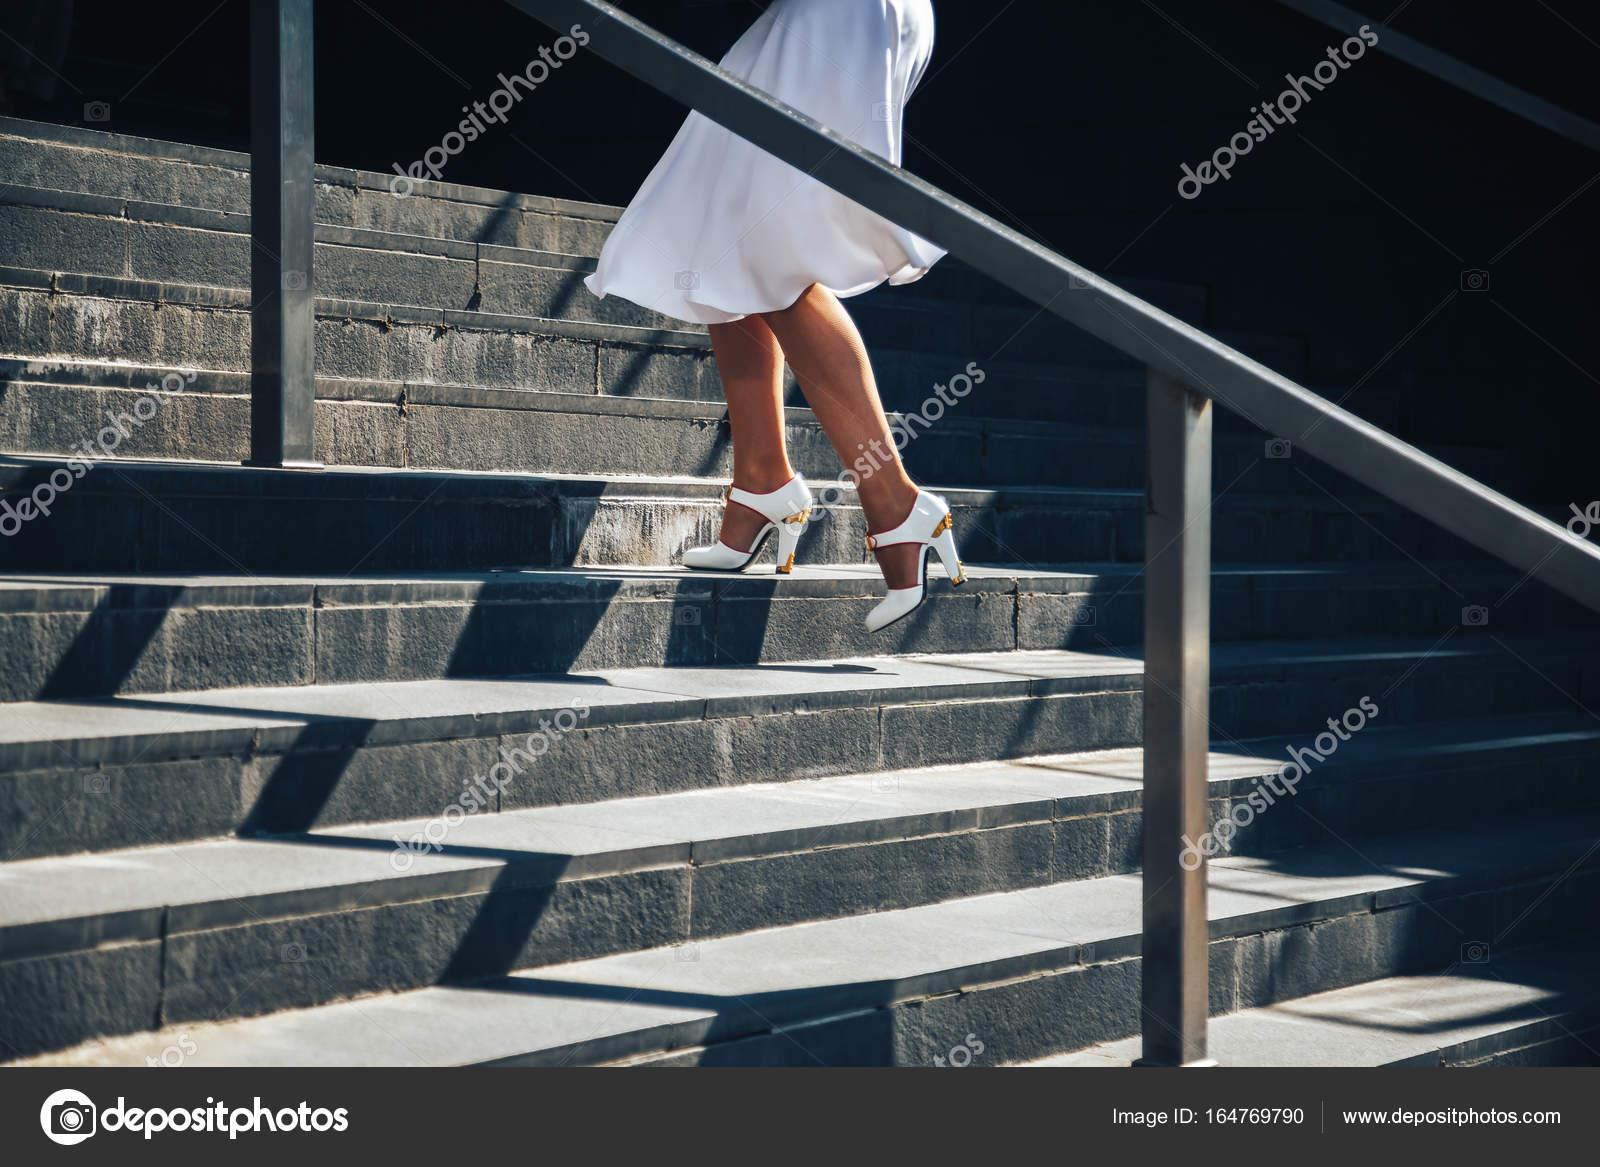 et des d'affaires blanche sandales une jupe blanches dans Femme bfyY76g